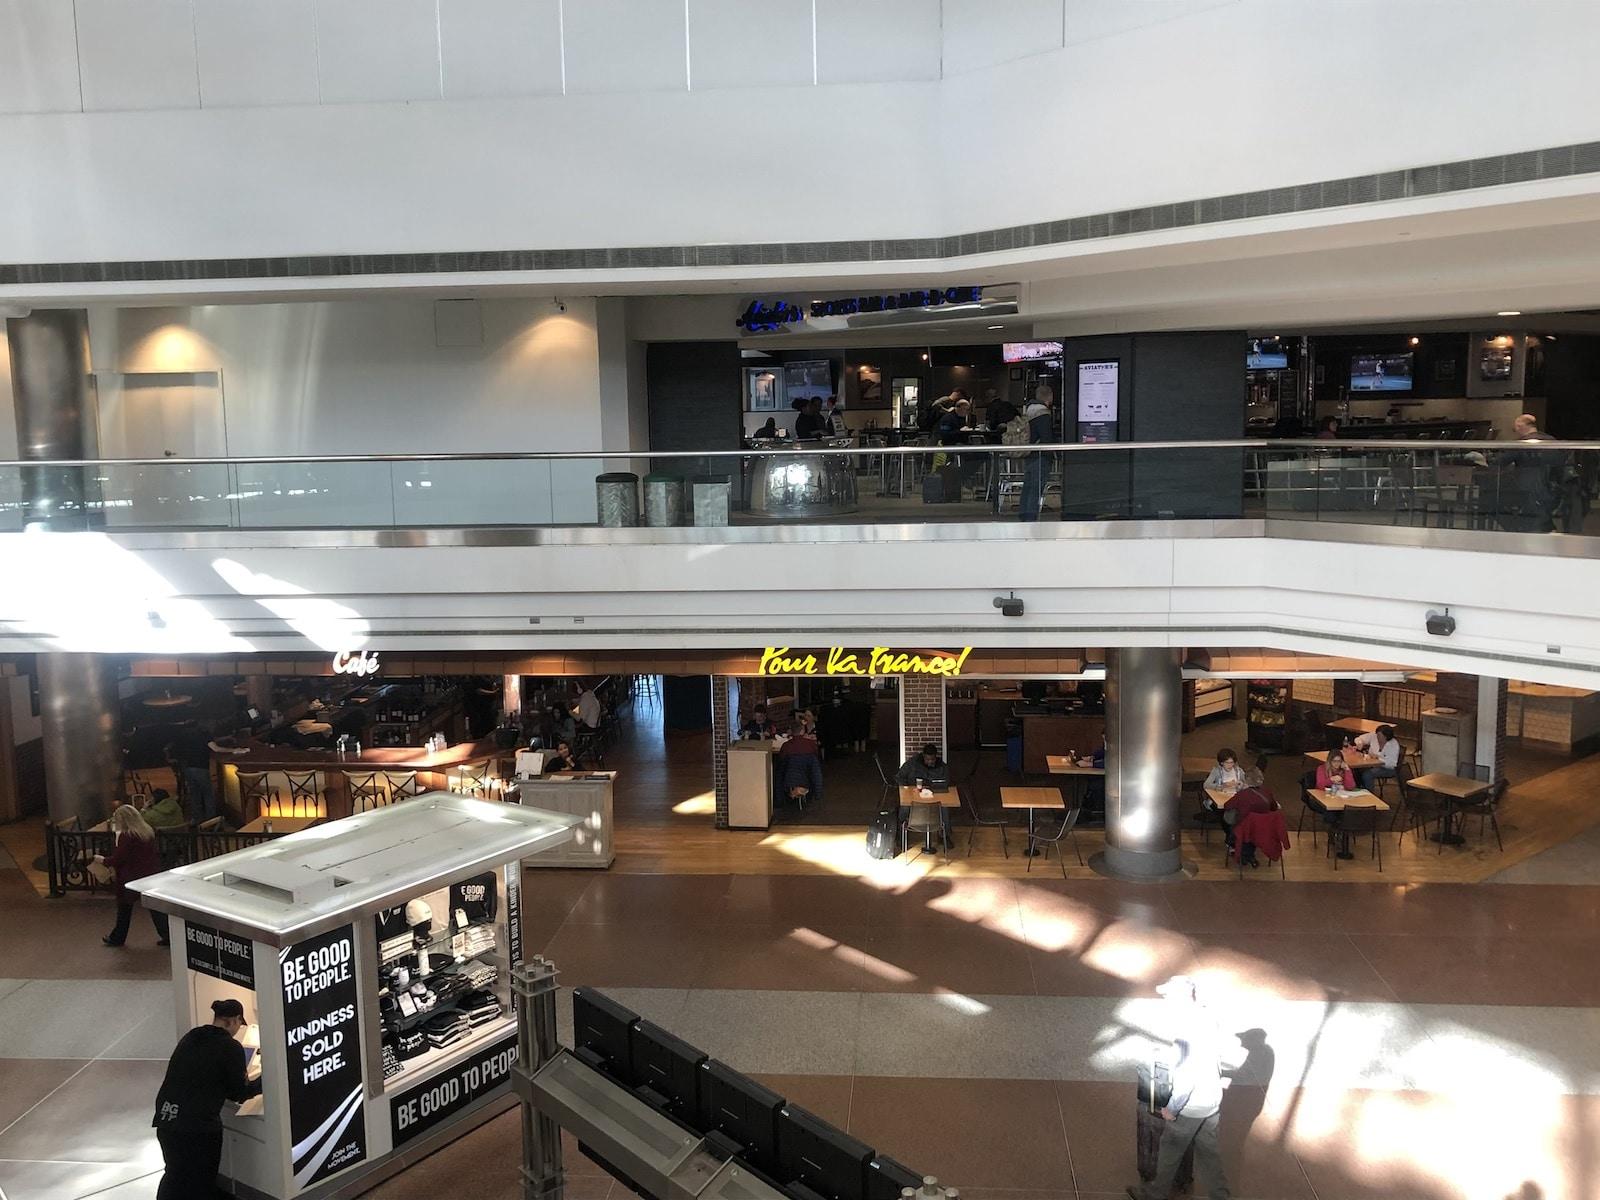 Pour La France Denver Airport